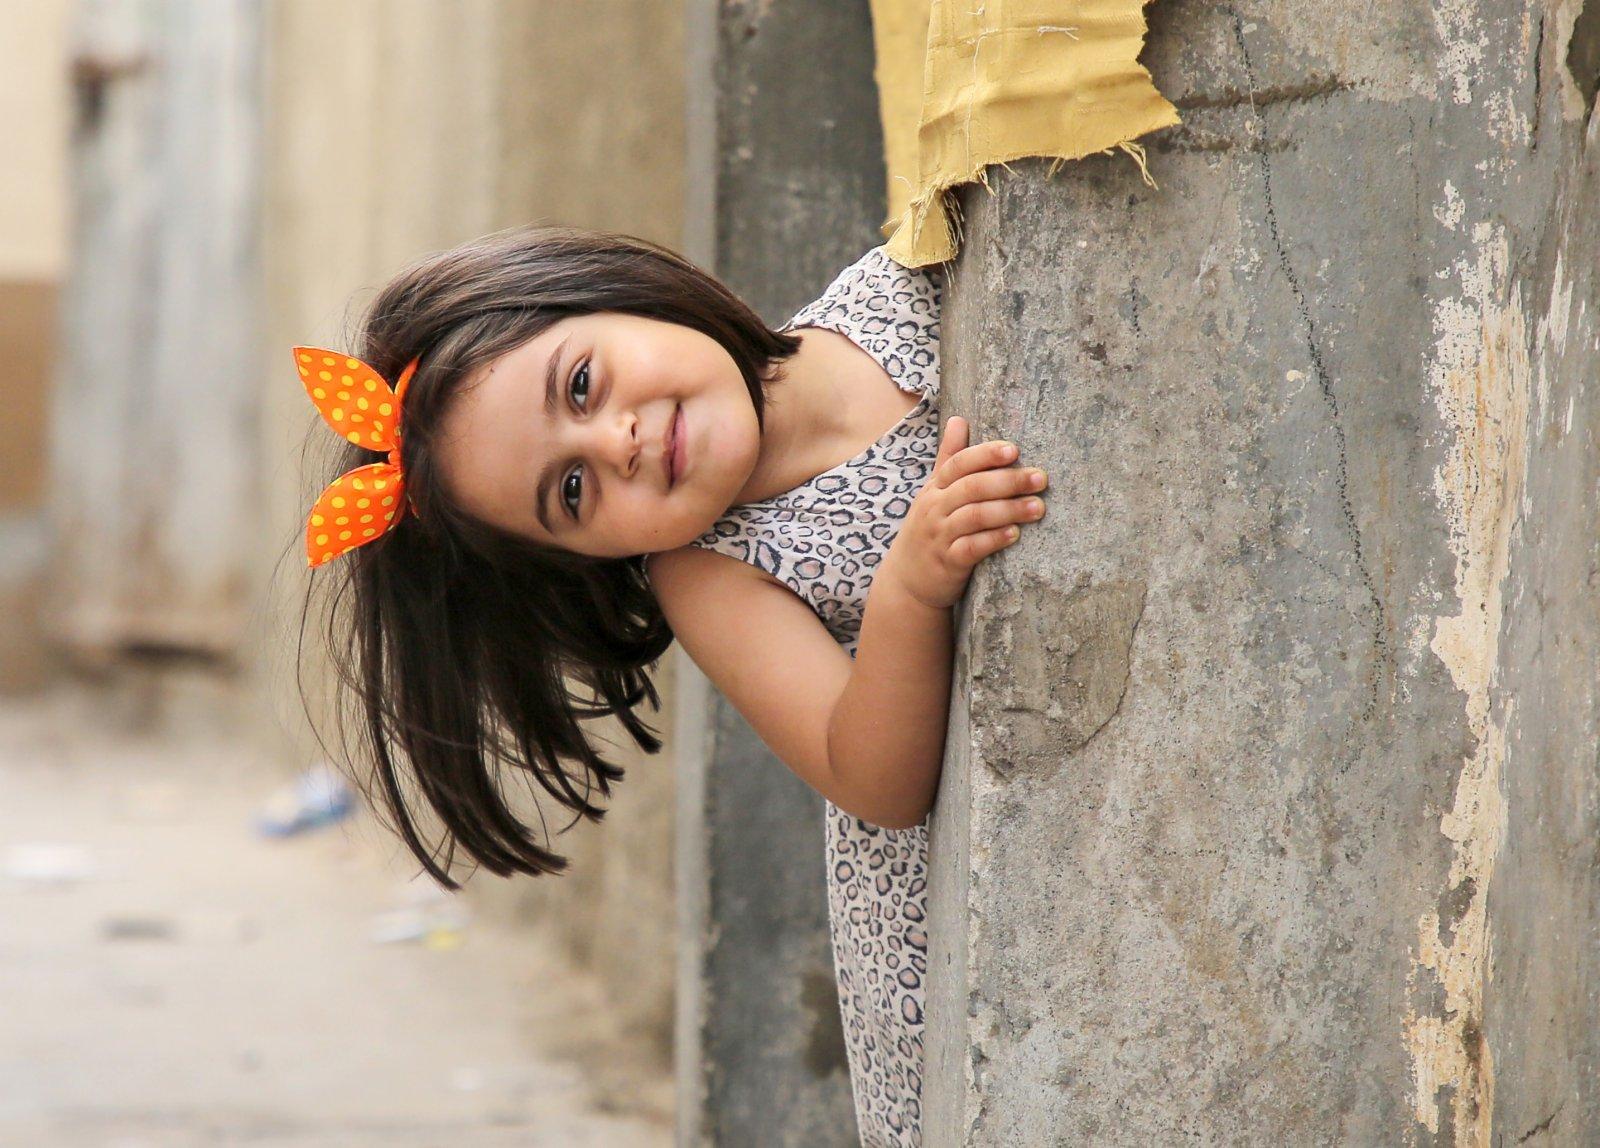 6月7日,一個小女孩在加沙地帶的沙提難民營玩耍。(新華社)